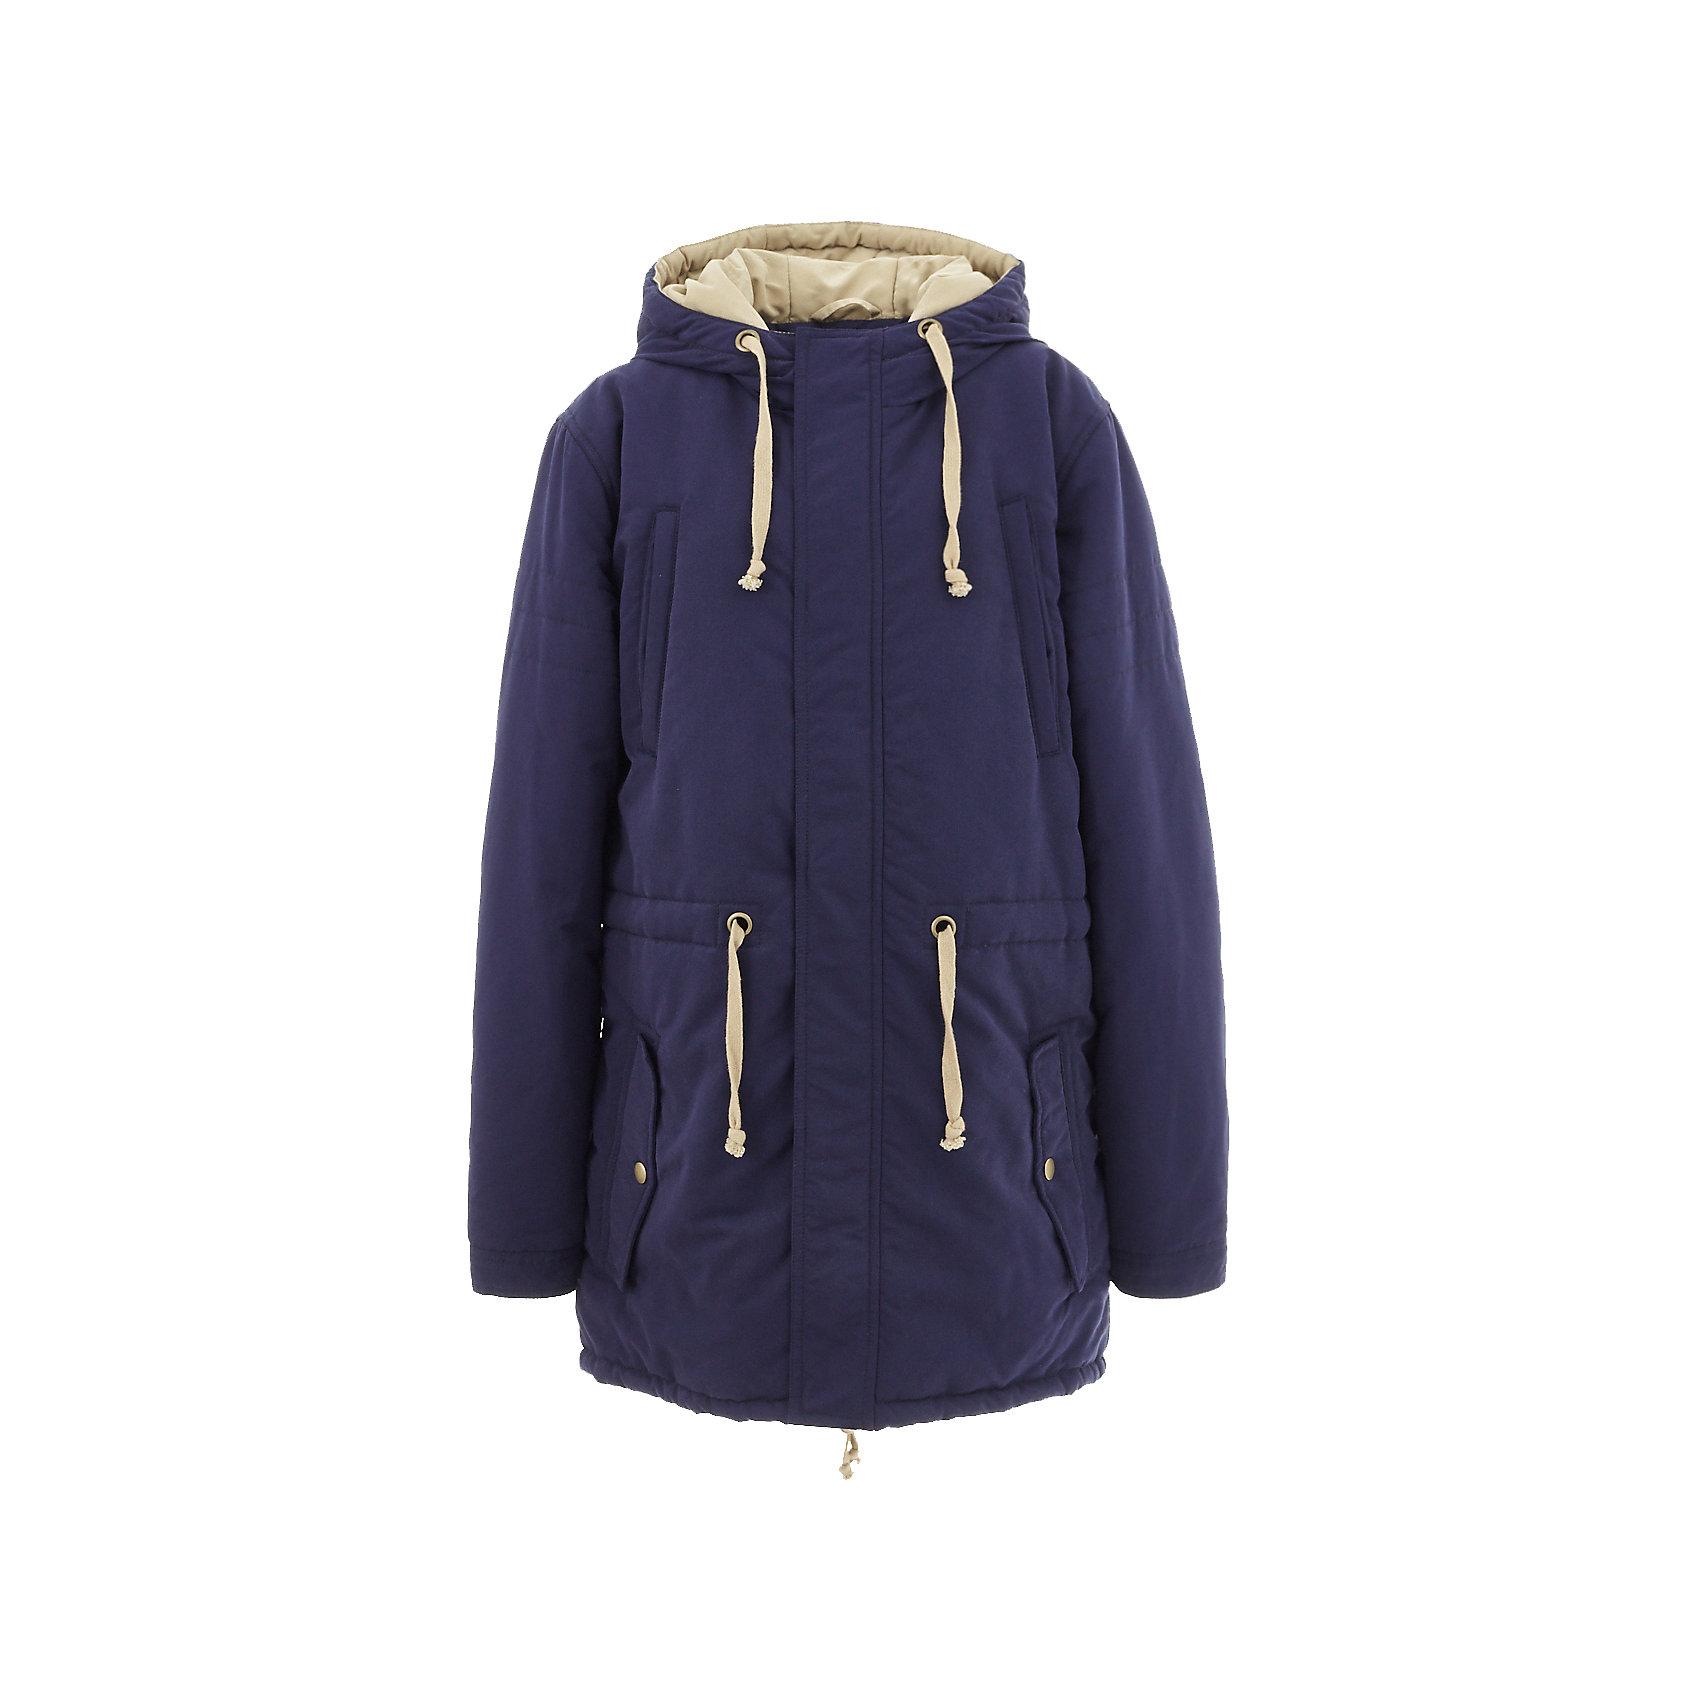 Полупальто BUTTON BLUE для мальчикаВерхняя одежда<br>Полупальто BUTTON BLUE для мальчика<br>В преддверии осенней сырости и холодов главная задача родителей - купить полупальто или хорошую куртку! Добротное полупальто для мальчика - гарантия тепла и комфорта. Модная хлопковая плащевка  создает настроение, интересная цветовая комбинация вносит разнообразие в хмурые осенние будни, актуальная модель парка делает полупальто привлекательным. У полупальто от Button Blue есть все шансы стать базовой вещью в практичном осеннем гардеробе ребенка! Прекрасный внешний вид и функциональность делают полупальто от Button Blue востребованной моделью. Оптимальная цена позволяет создать полноценный и разнообразный детский гардероб из модных, нужных и интересных вещей.<br>Состав:<br>тк. верха: 100% полиэстер,                                             Подкл. 100% хлопок/100% полиэстер,                                                  Утепл., 100% полиэстер,<br><br>Ширина мм: 356<br>Глубина мм: 10<br>Высота мм: 245<br>Вес г: 519<br>Цвет: синий<br>Возраст от месяцев: 96<br>Возраст до месяцев: 108<br>Пол: Мужской<br>Возраст: Детский<br>Размер: 134,140,146,152,158,104,110,116,122,128<br>SKU: 7038845